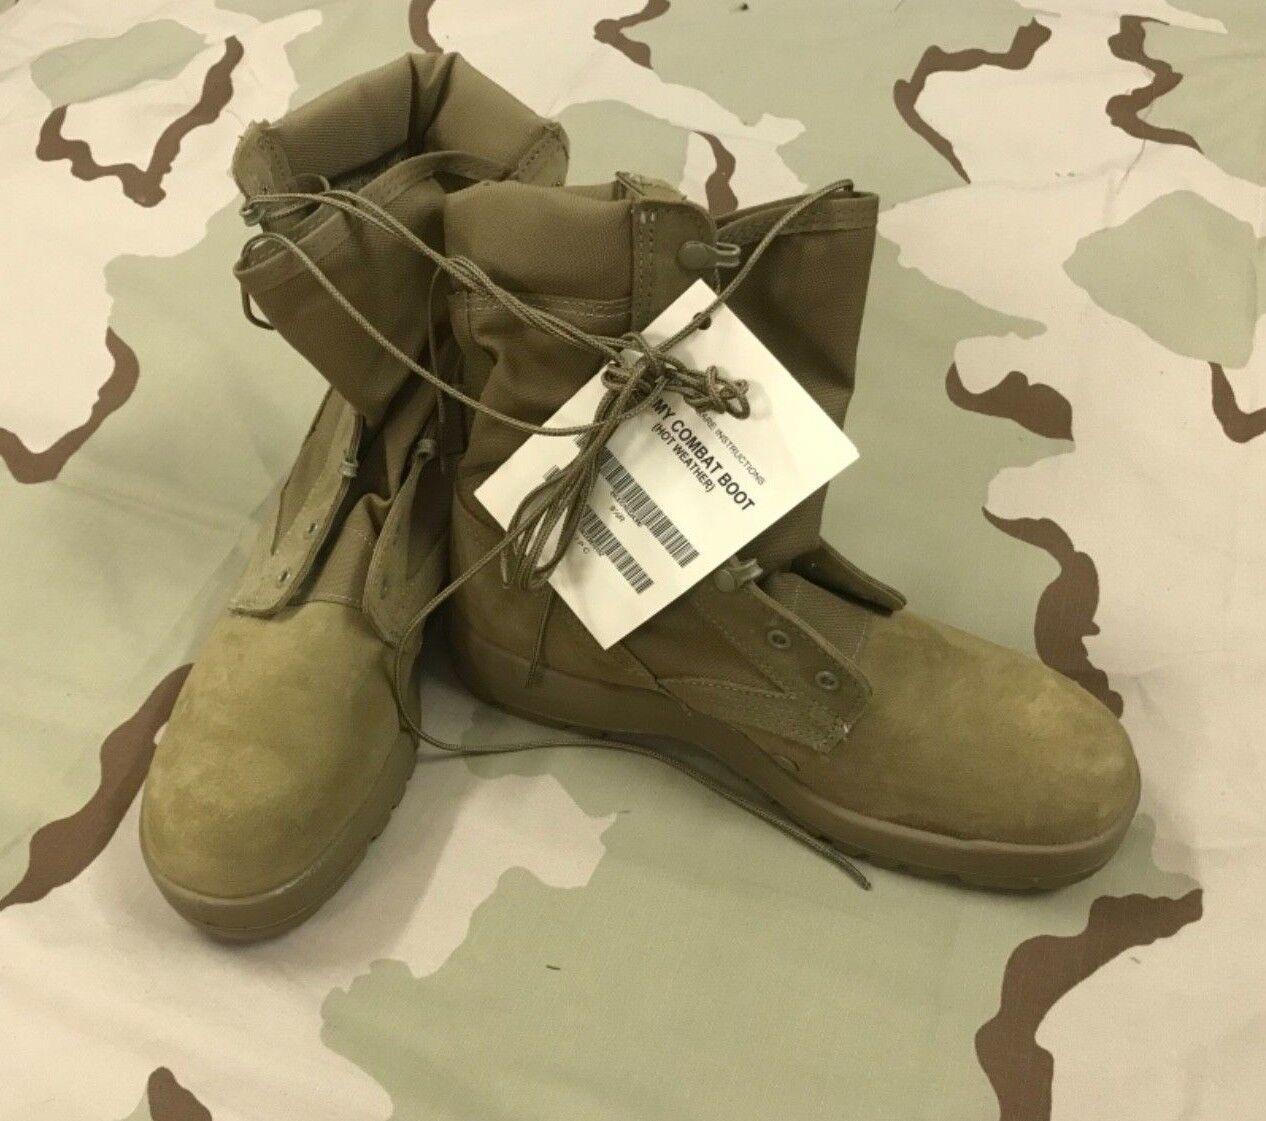 Scarpe casual da uomo  MCRAE OCP COYOTE HOT WEATHER BOOTS US ARMY ISSUE 9.5 REG VIBRAM SOLE